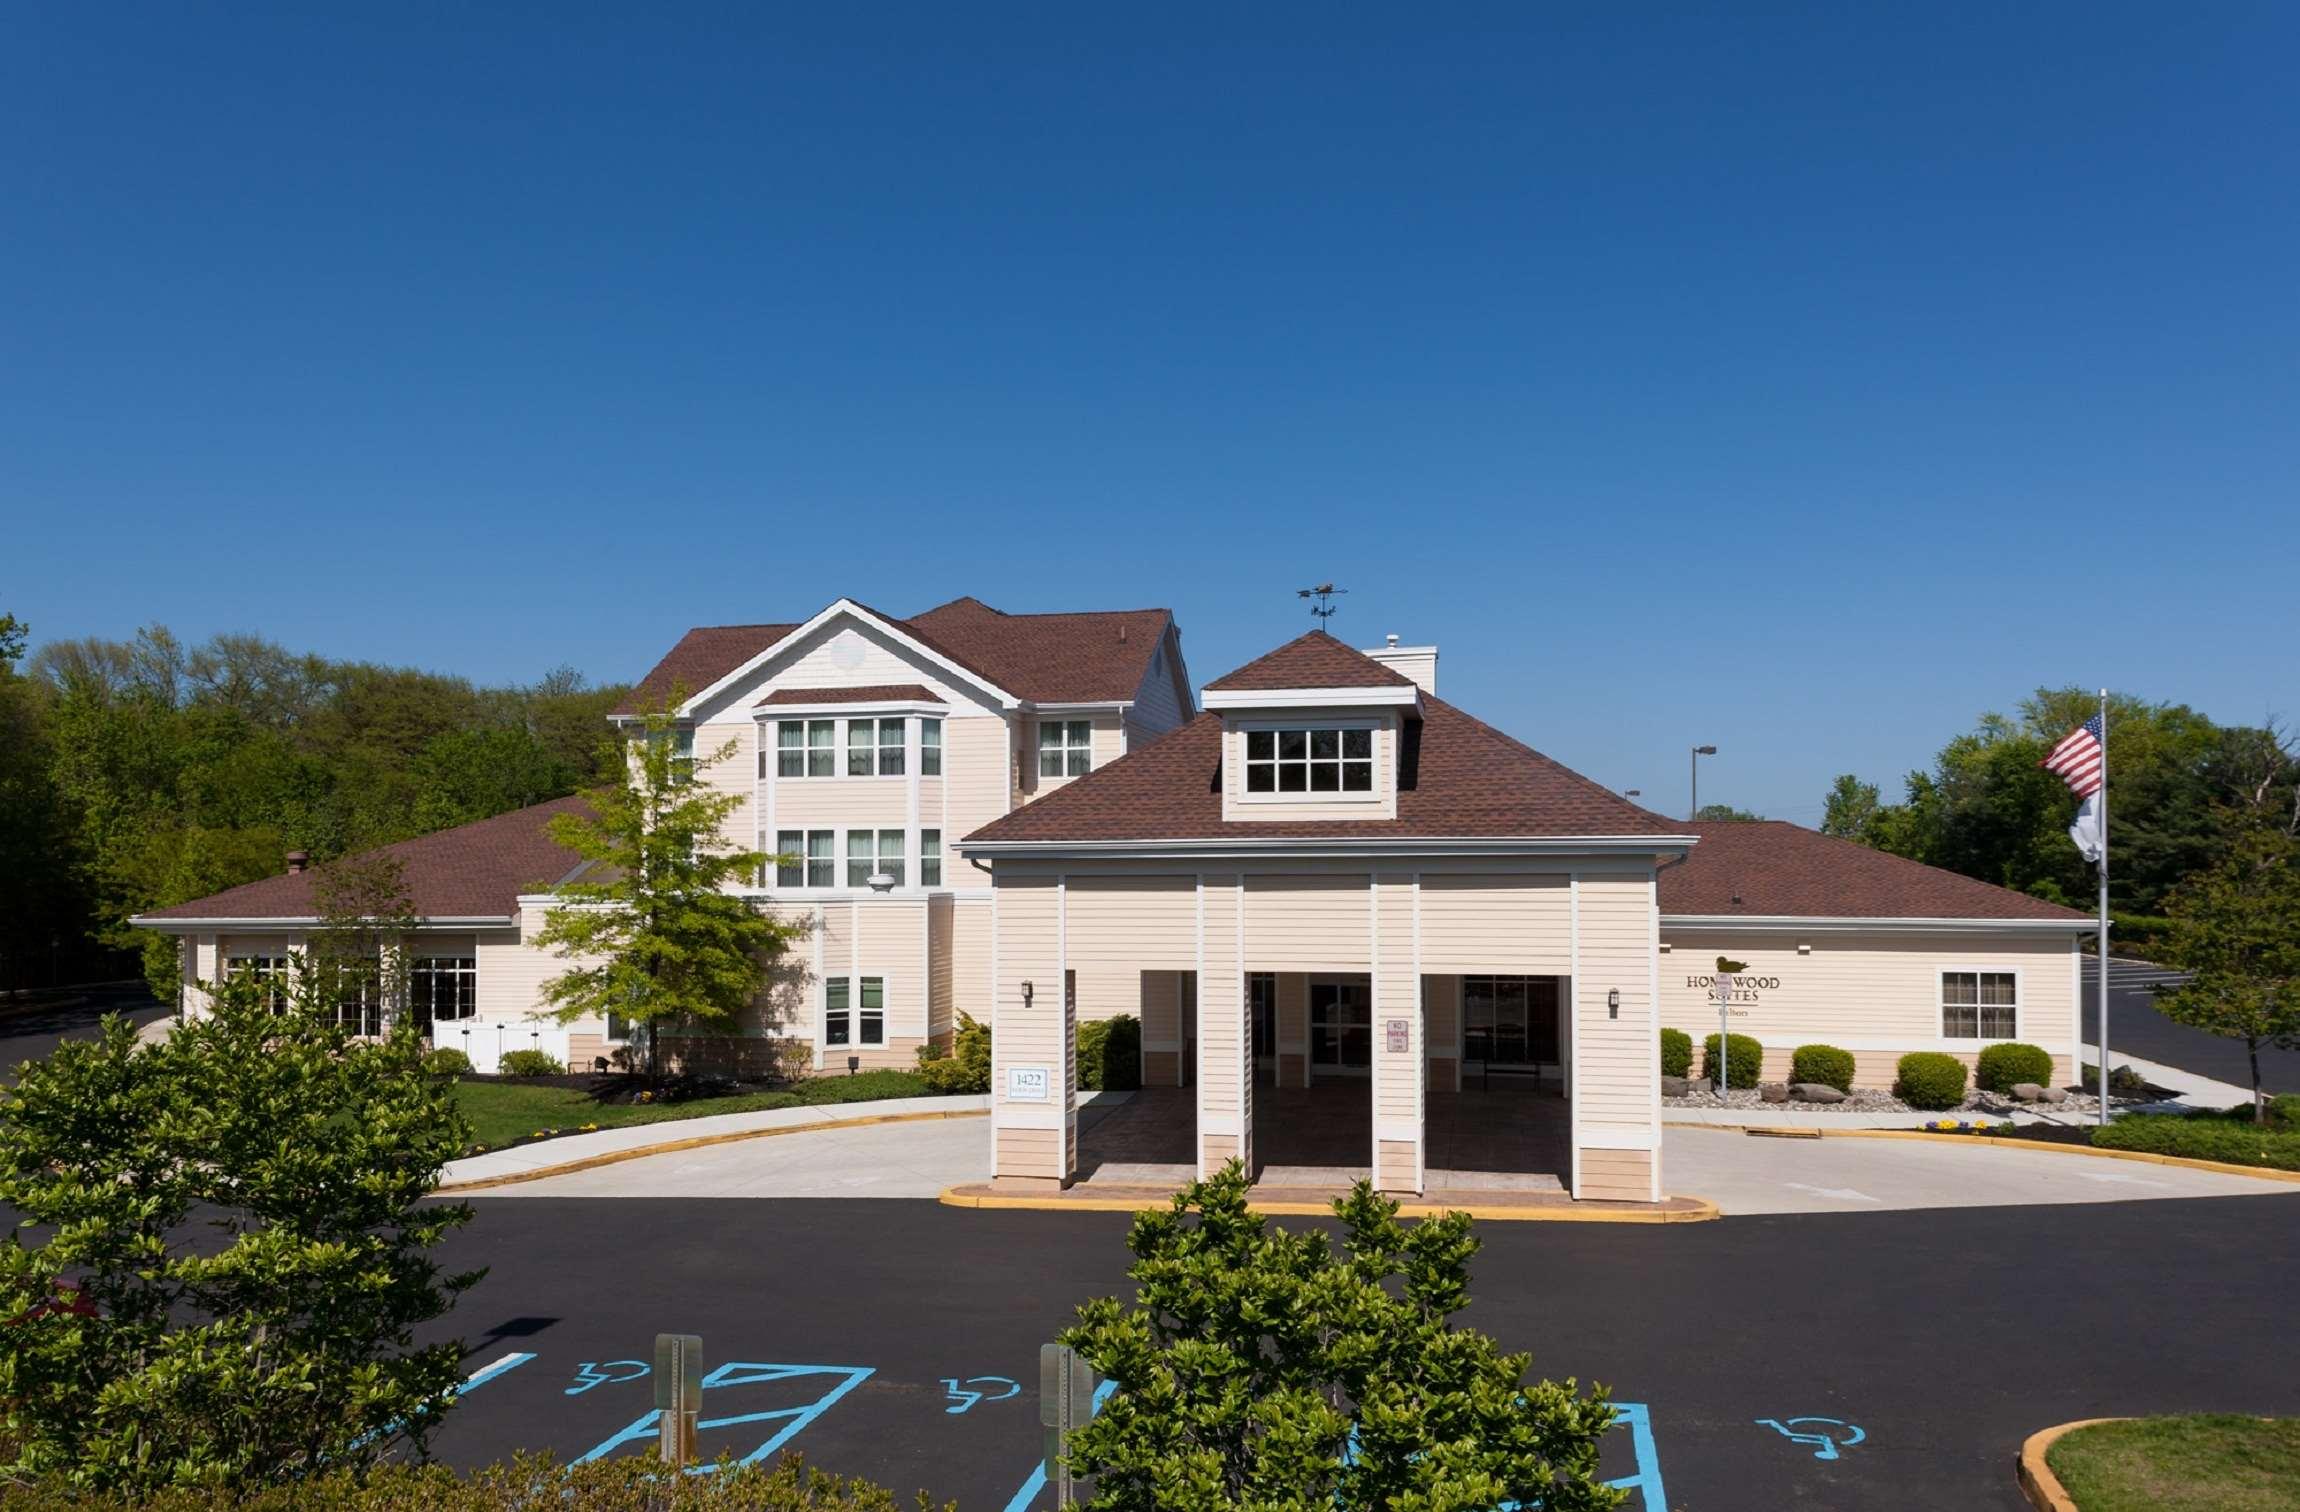 Homewood Suites by Hilton Philadelphia/Mt. Laurel - Mount Laurel, NJ 08054 - (856)222-9001 | ShowMeLocal.com